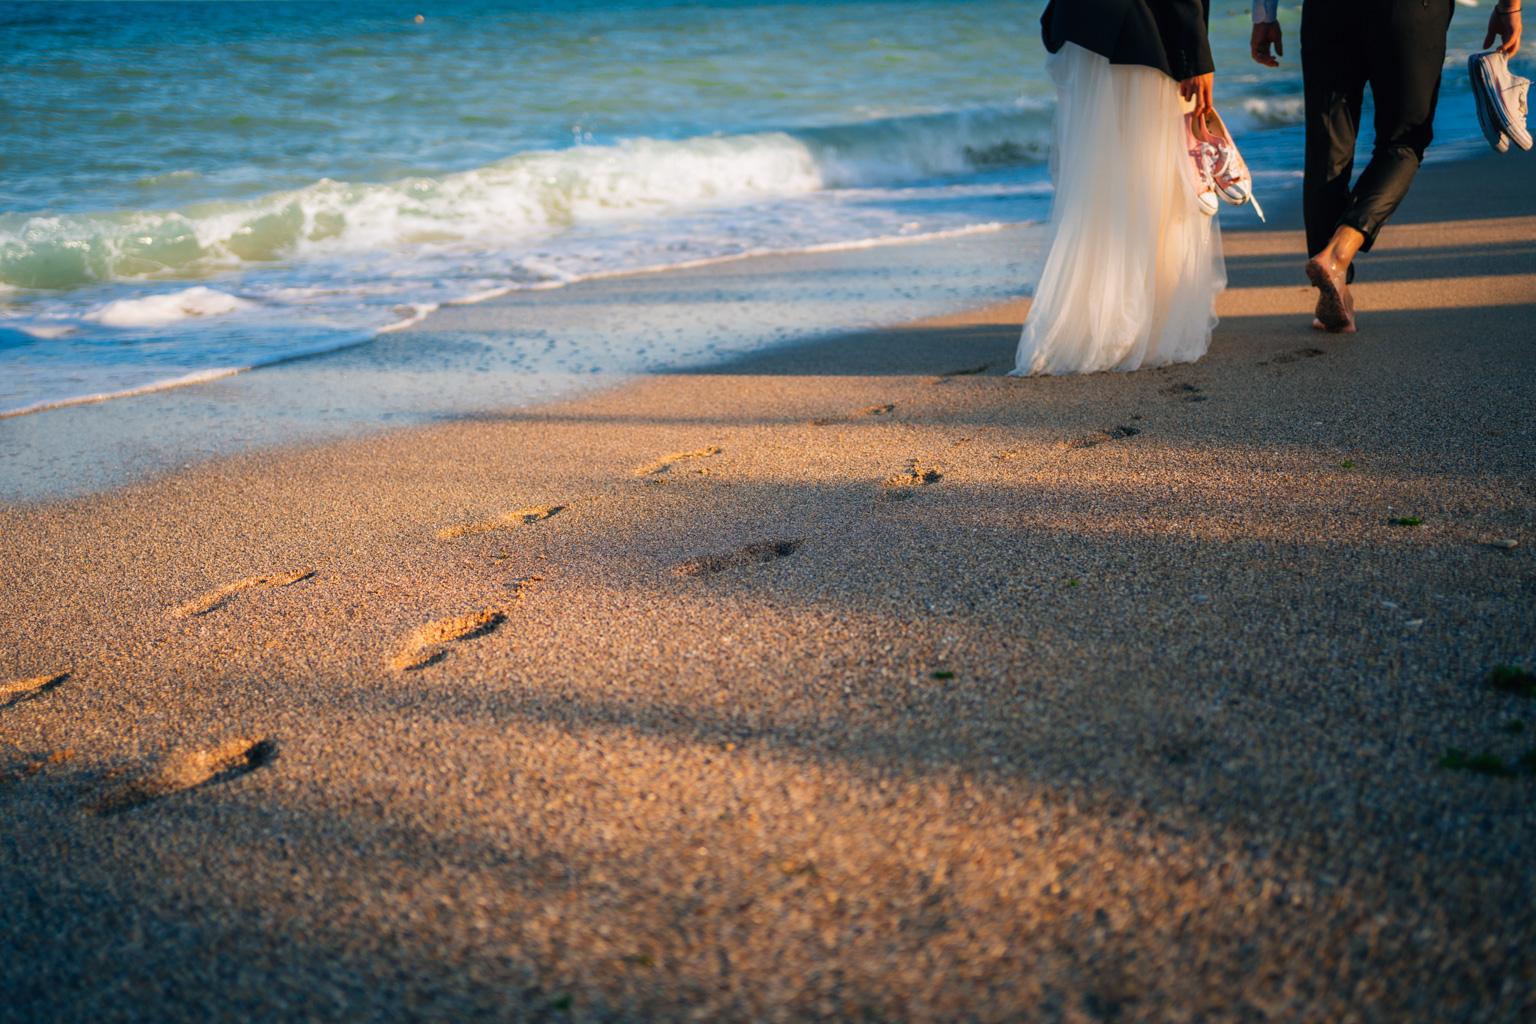 Avantajele unei nunti de vara – Fotografii de nunta incredibile intr-o lumina superba